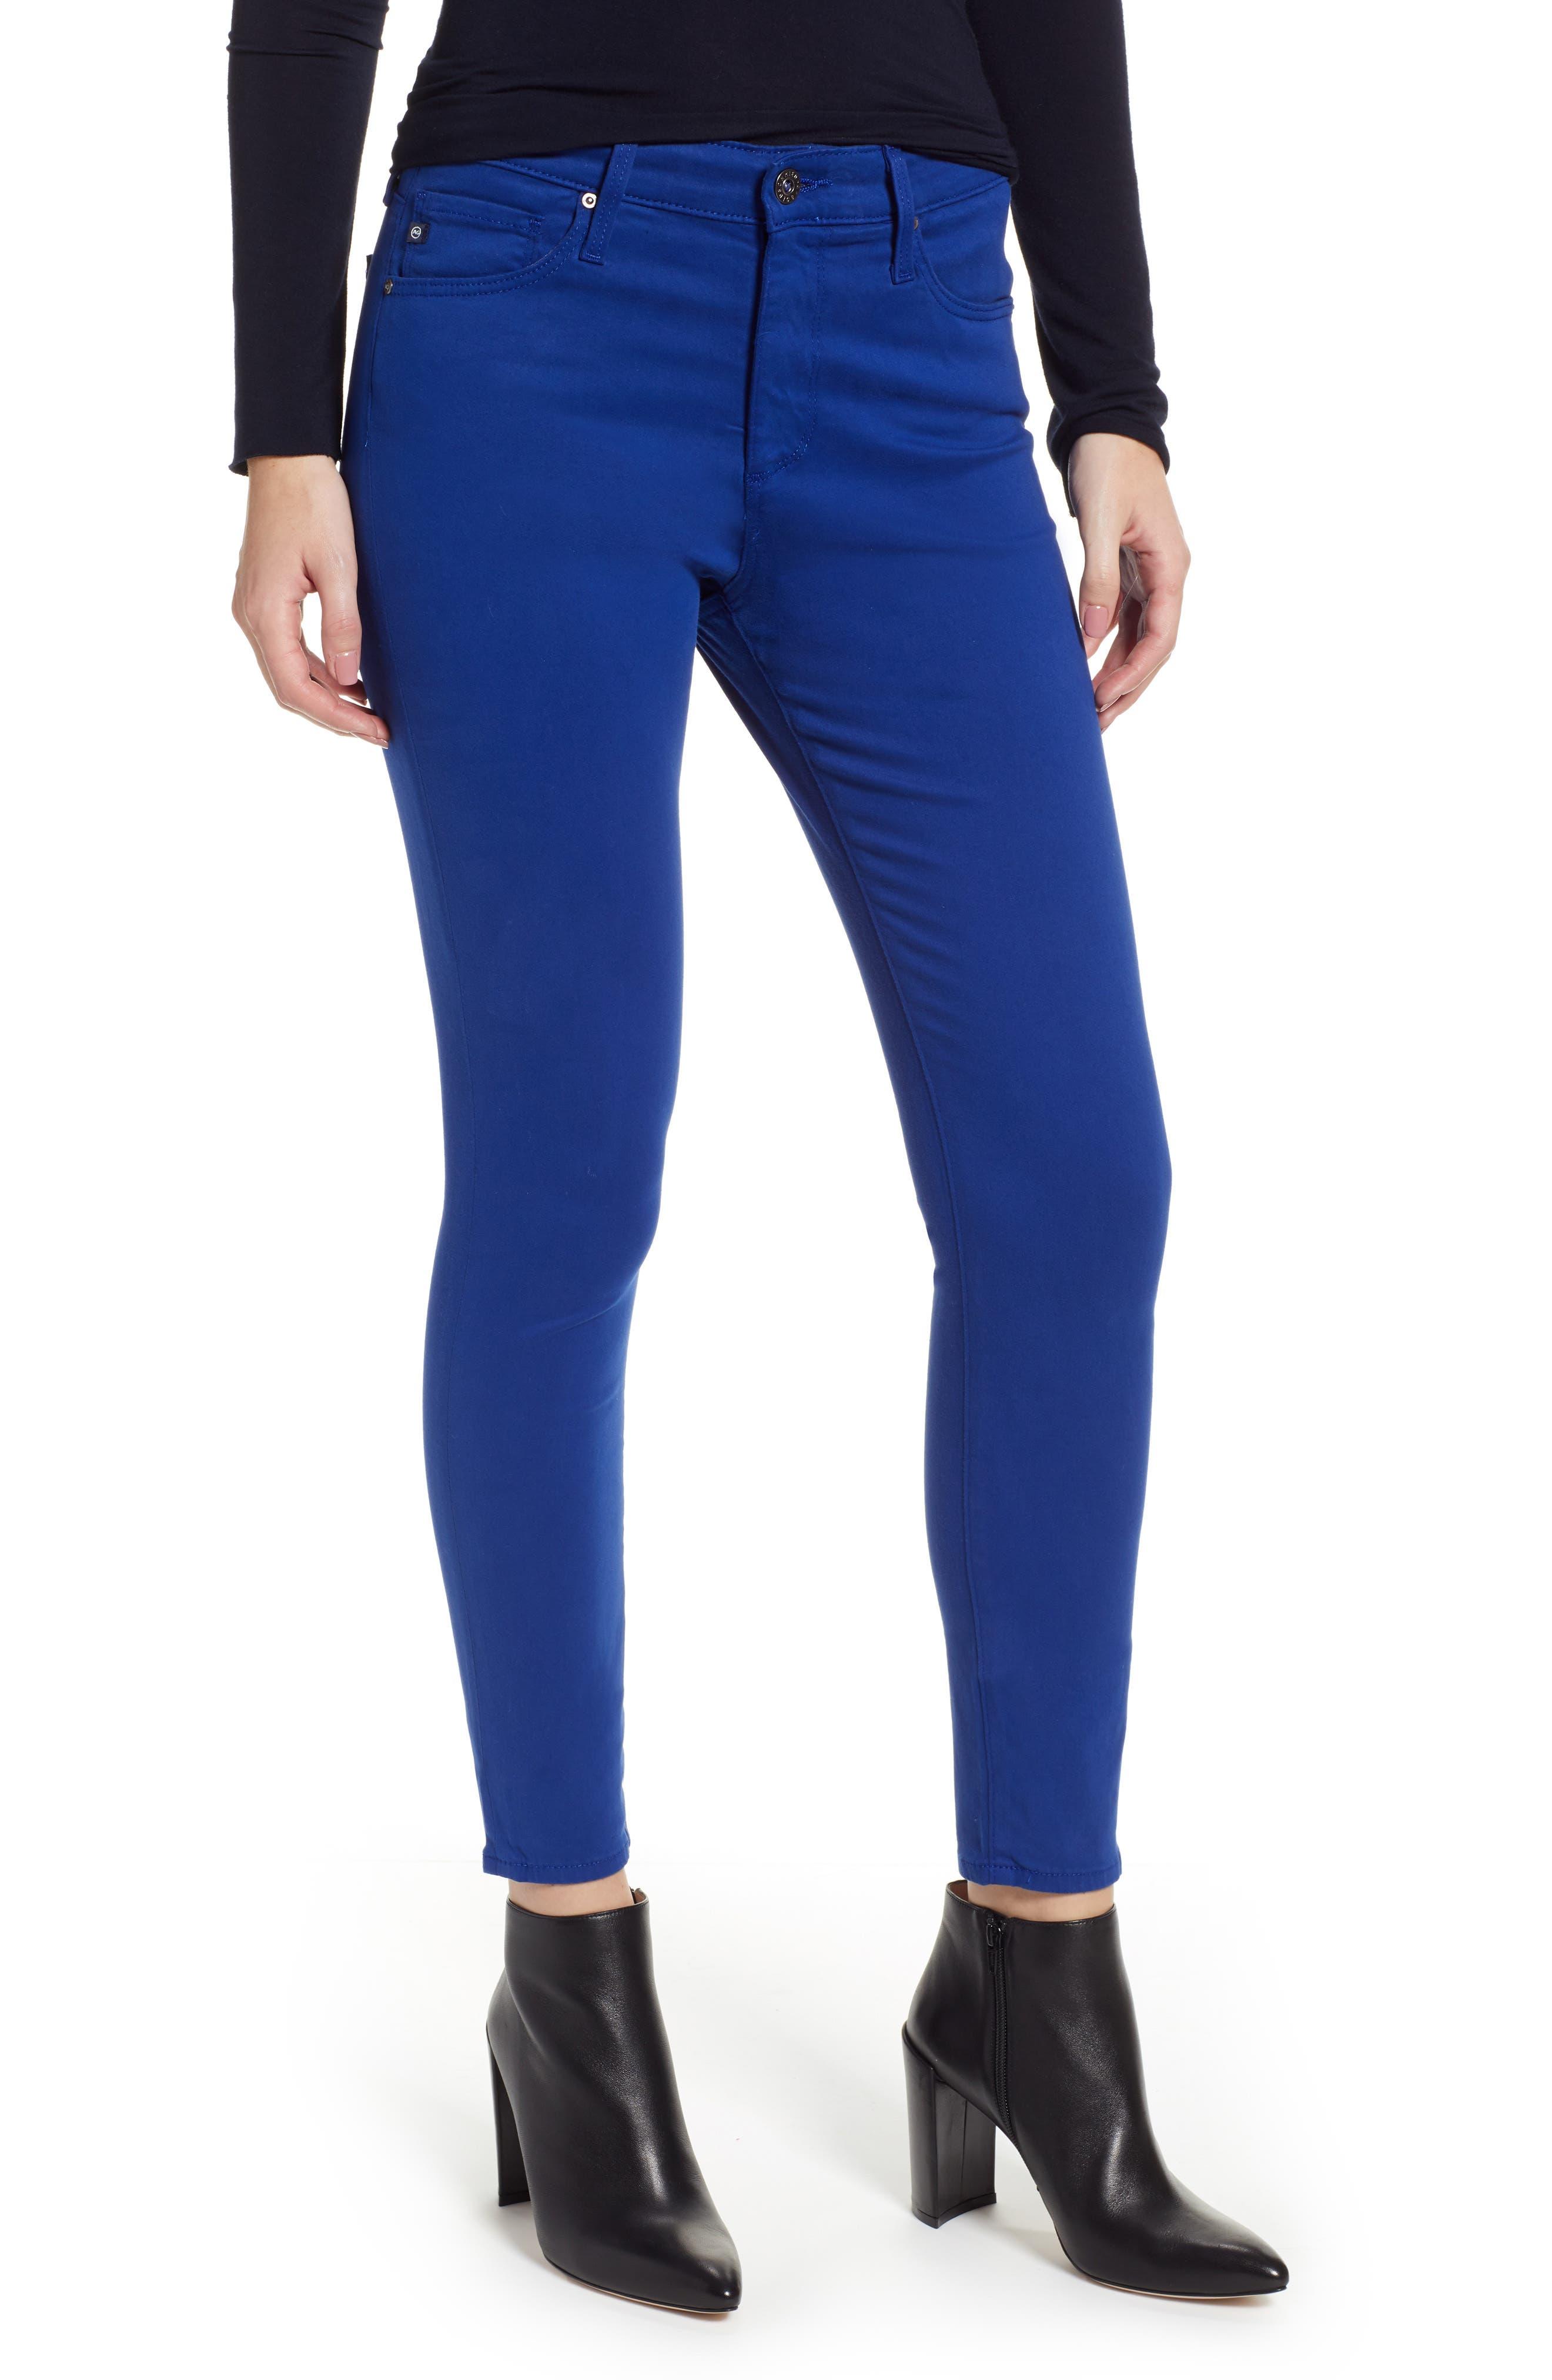 Farrah High Waist Ankle Skinny Jeans,                         Main,                         color, EGYPTIAN BLUE